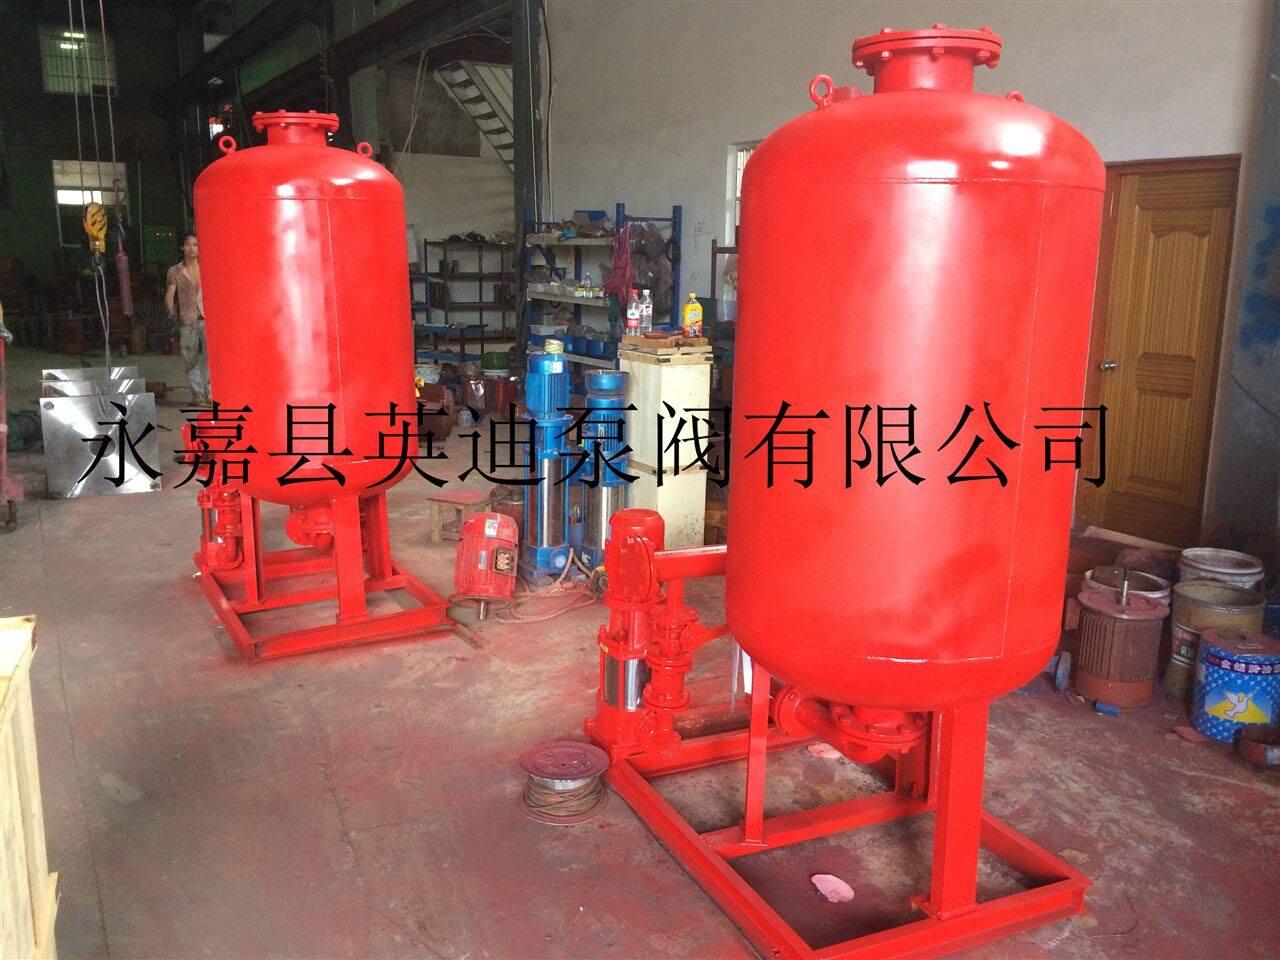 通过电接点压力表和电控箱控制水泵